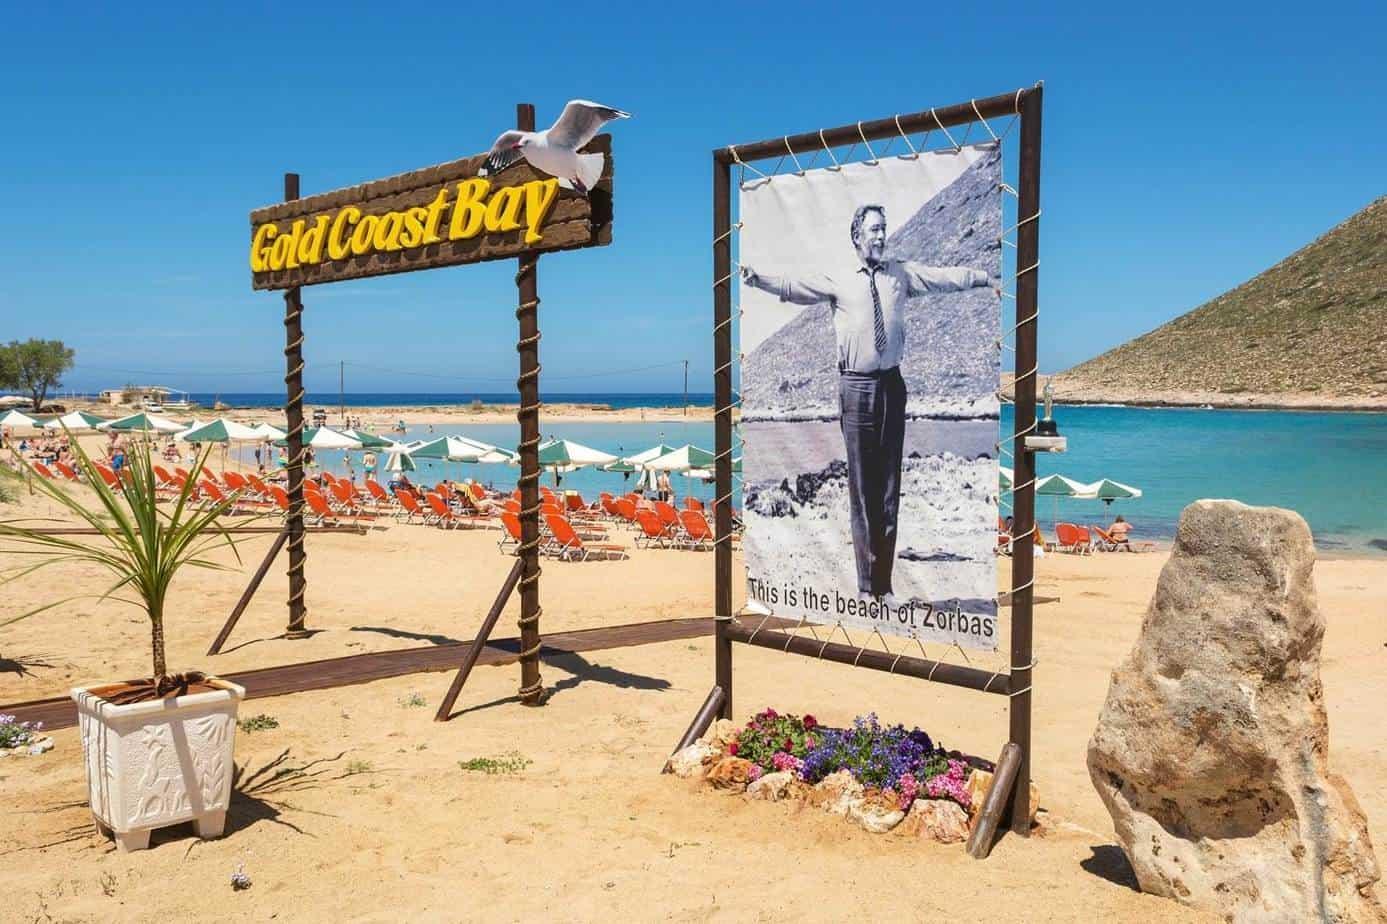 gold coast bay crete